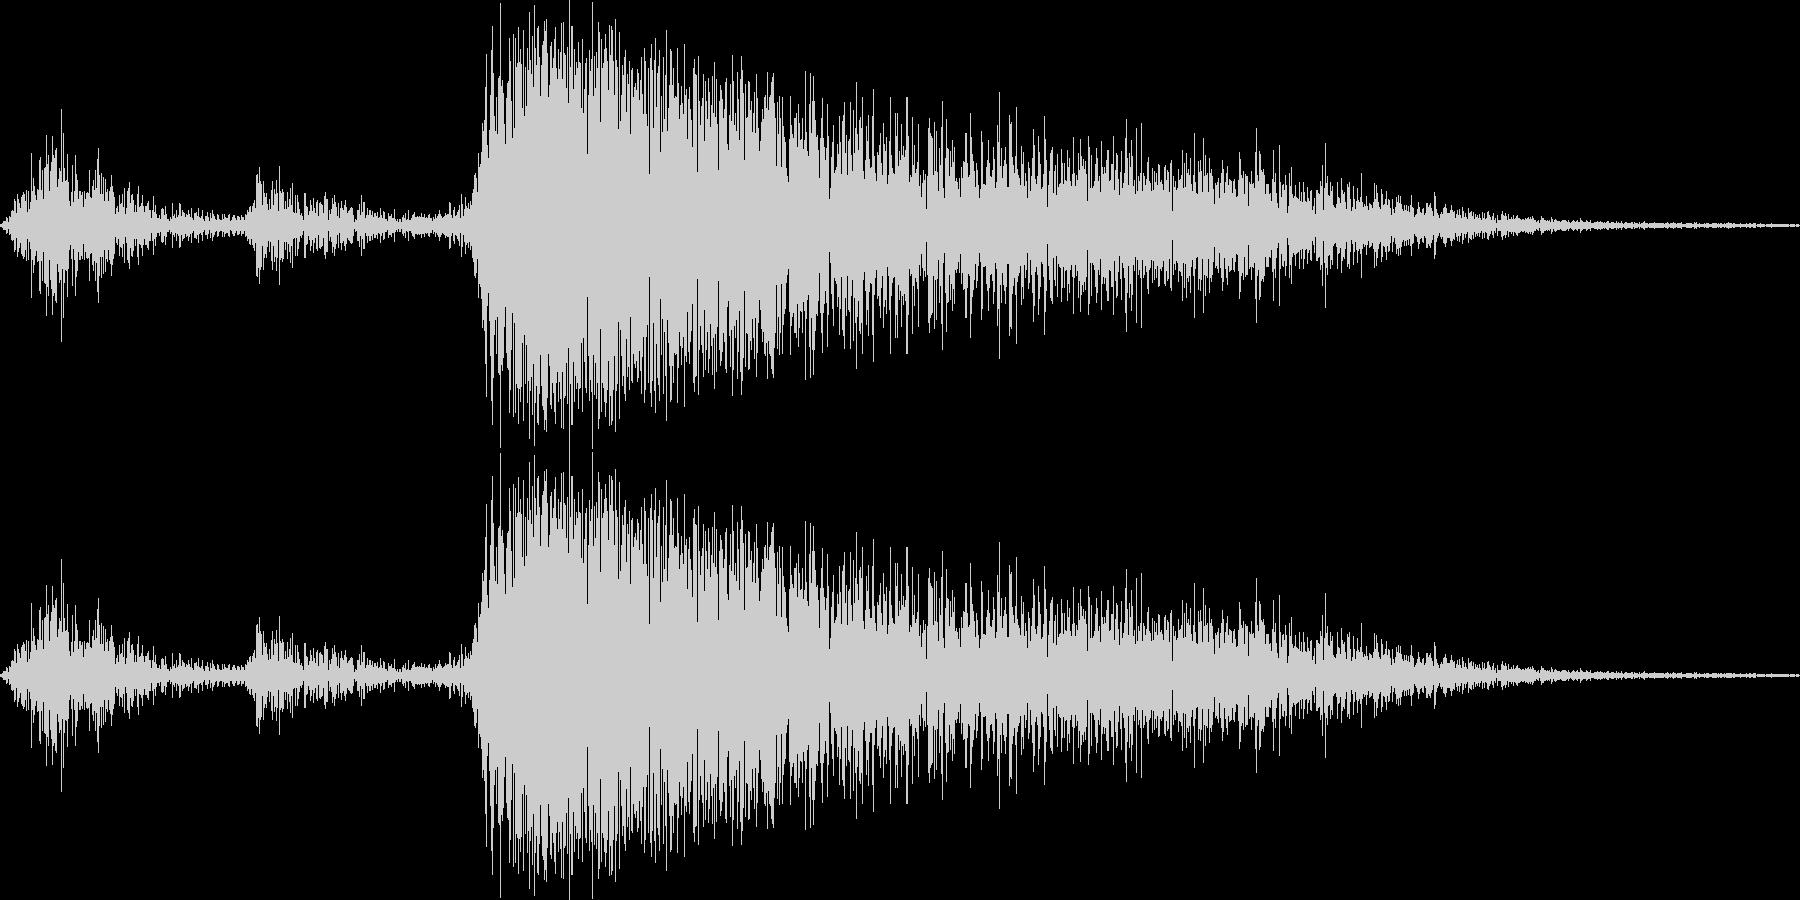 プシュッ(缶ビール・炭酸飲料を開ける音)の未再生の波形